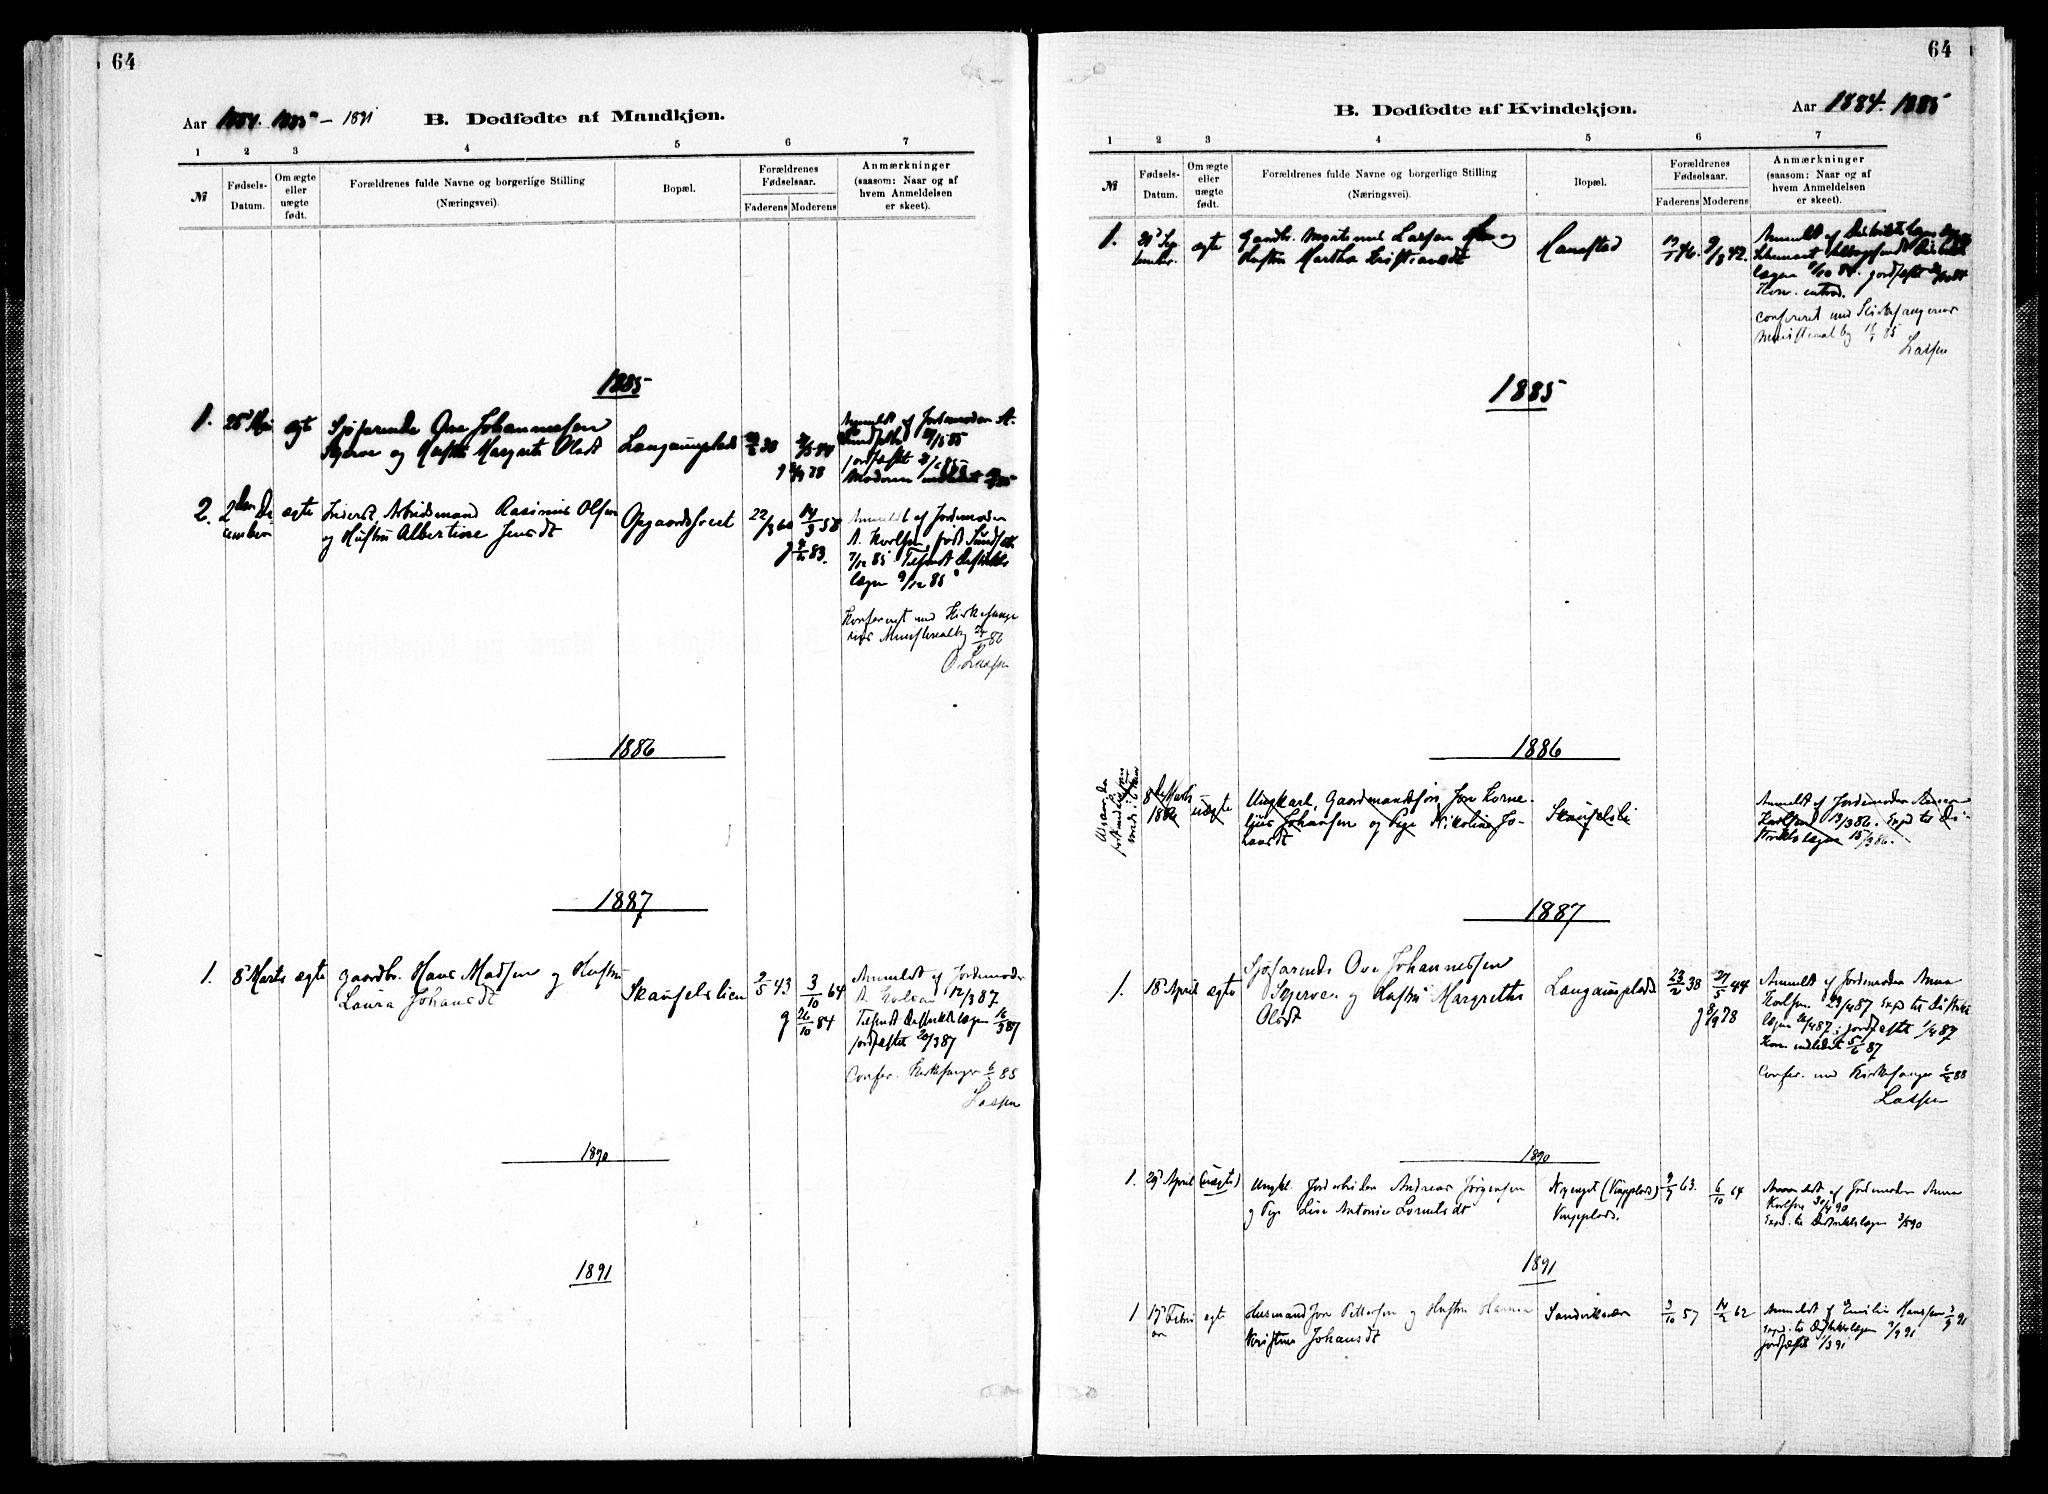 SAT, Ministerialprotokoller, klokkerbøker og fødselsregistre - Nord-Trøndelag, 733/L0325: Ministerialbok nr. 733A04, 1884-1908, s. 64